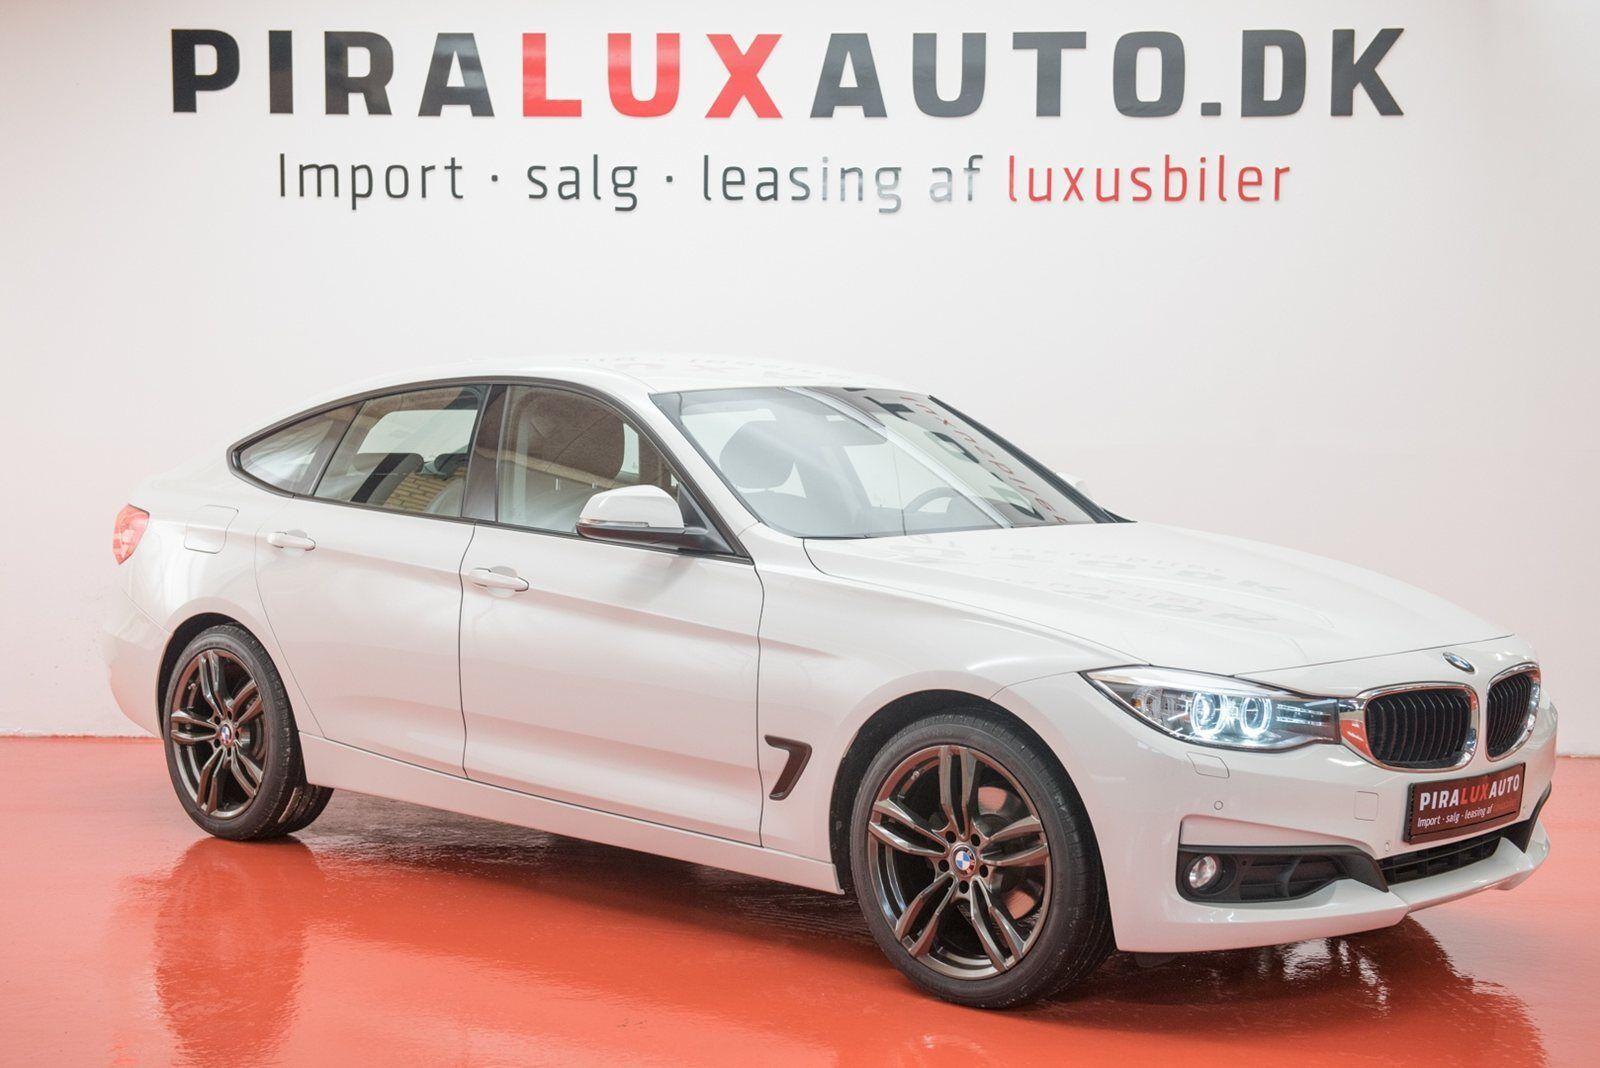 BMW 320d 2,0 Gran Turismo aut. 5d - 304.900 kr.